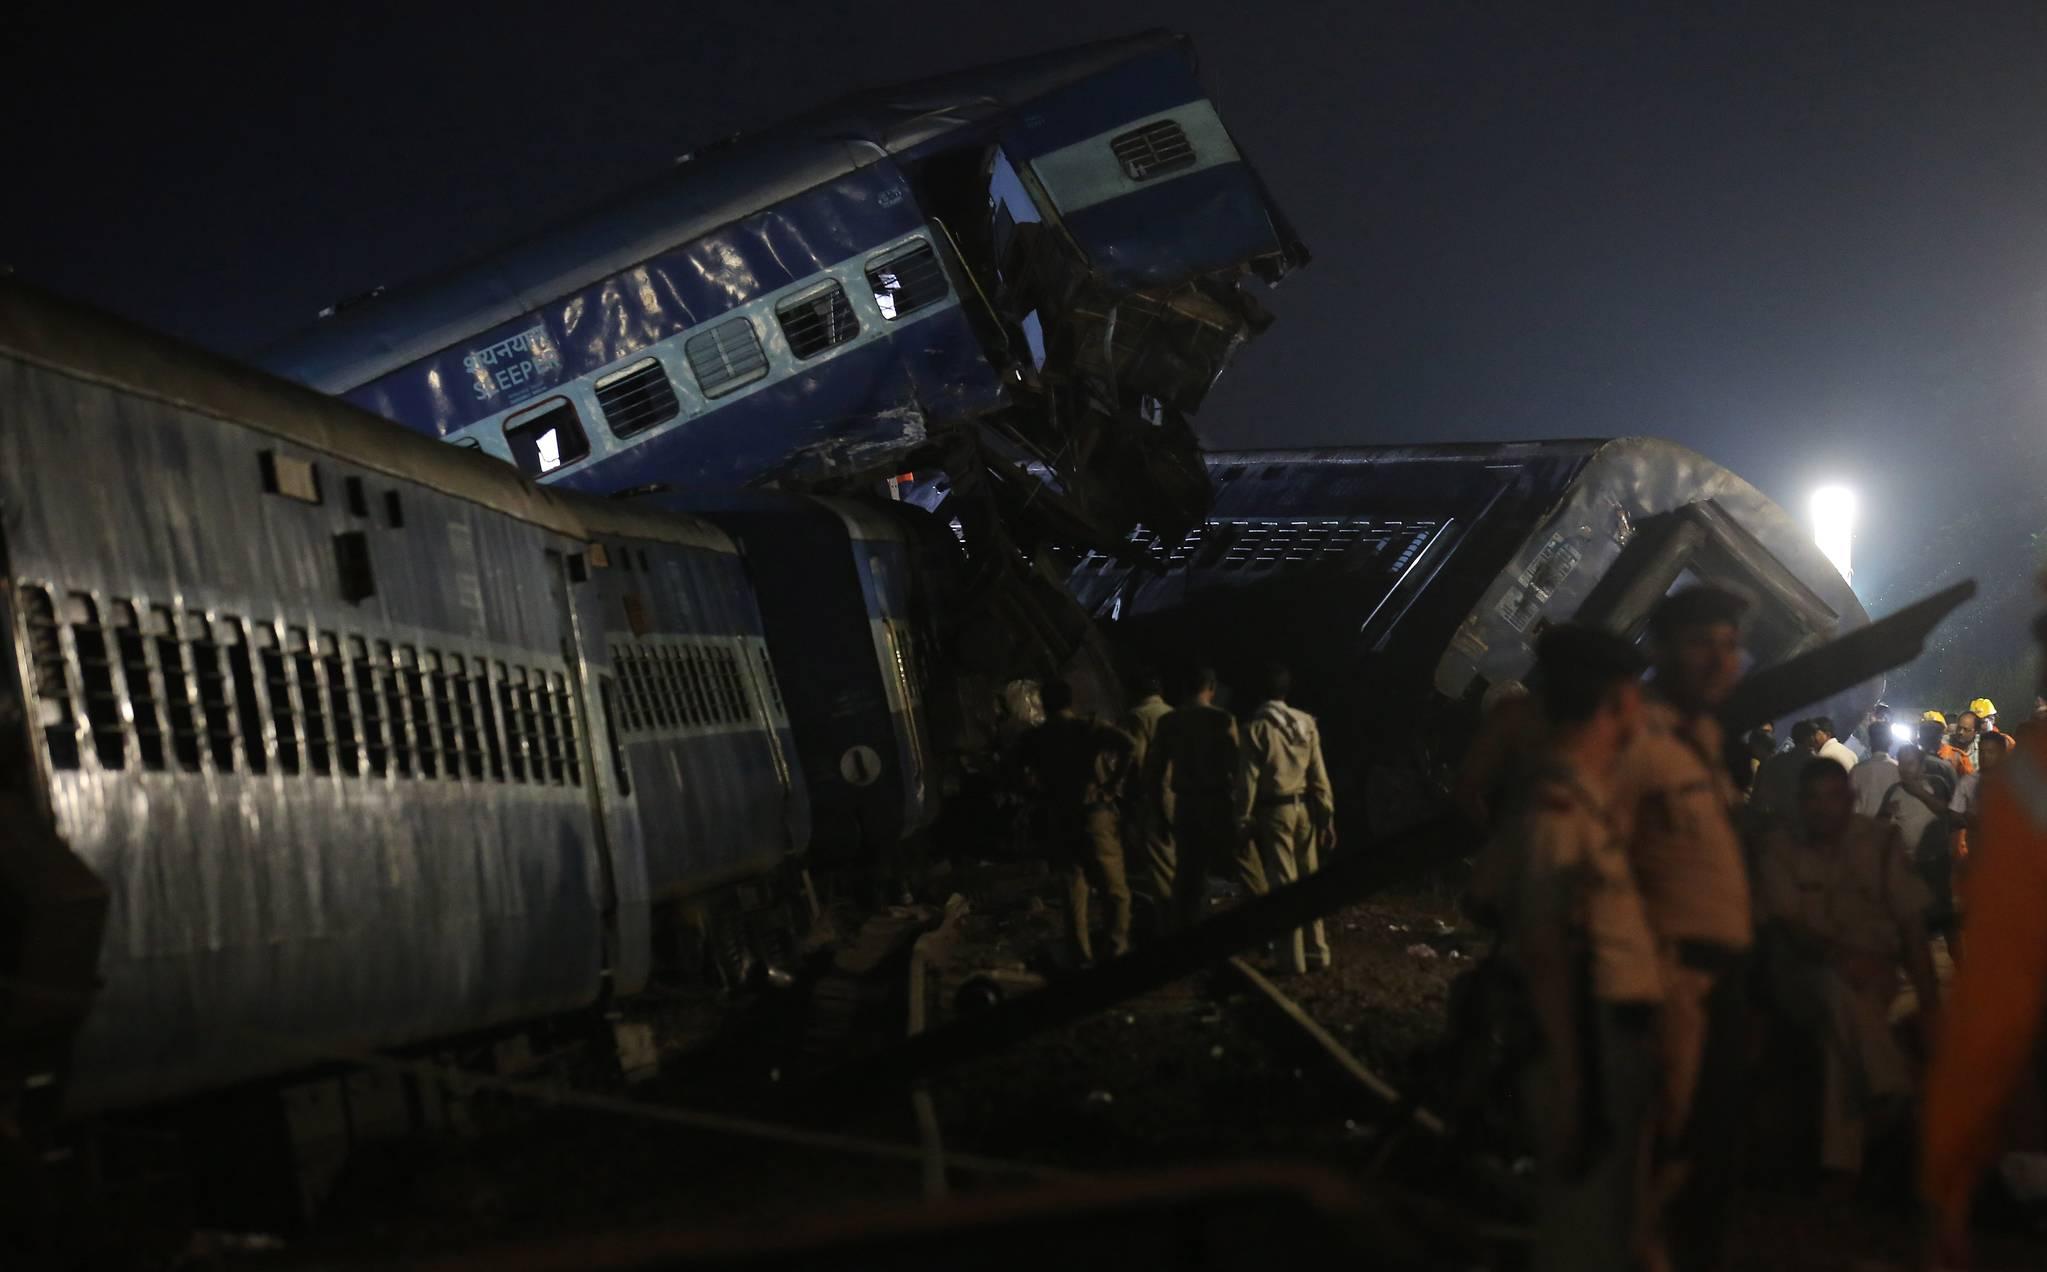 19일(현지시간) 인도 북부 우타르프라데시 주 무자파르나가르 카타우리 마을 인근에서 열차 탈선 사고가 발생해 25명이 숨졌다. 경찰과 구조대들이 생존자를 찾고 있다.[EPA=연합뉴스]